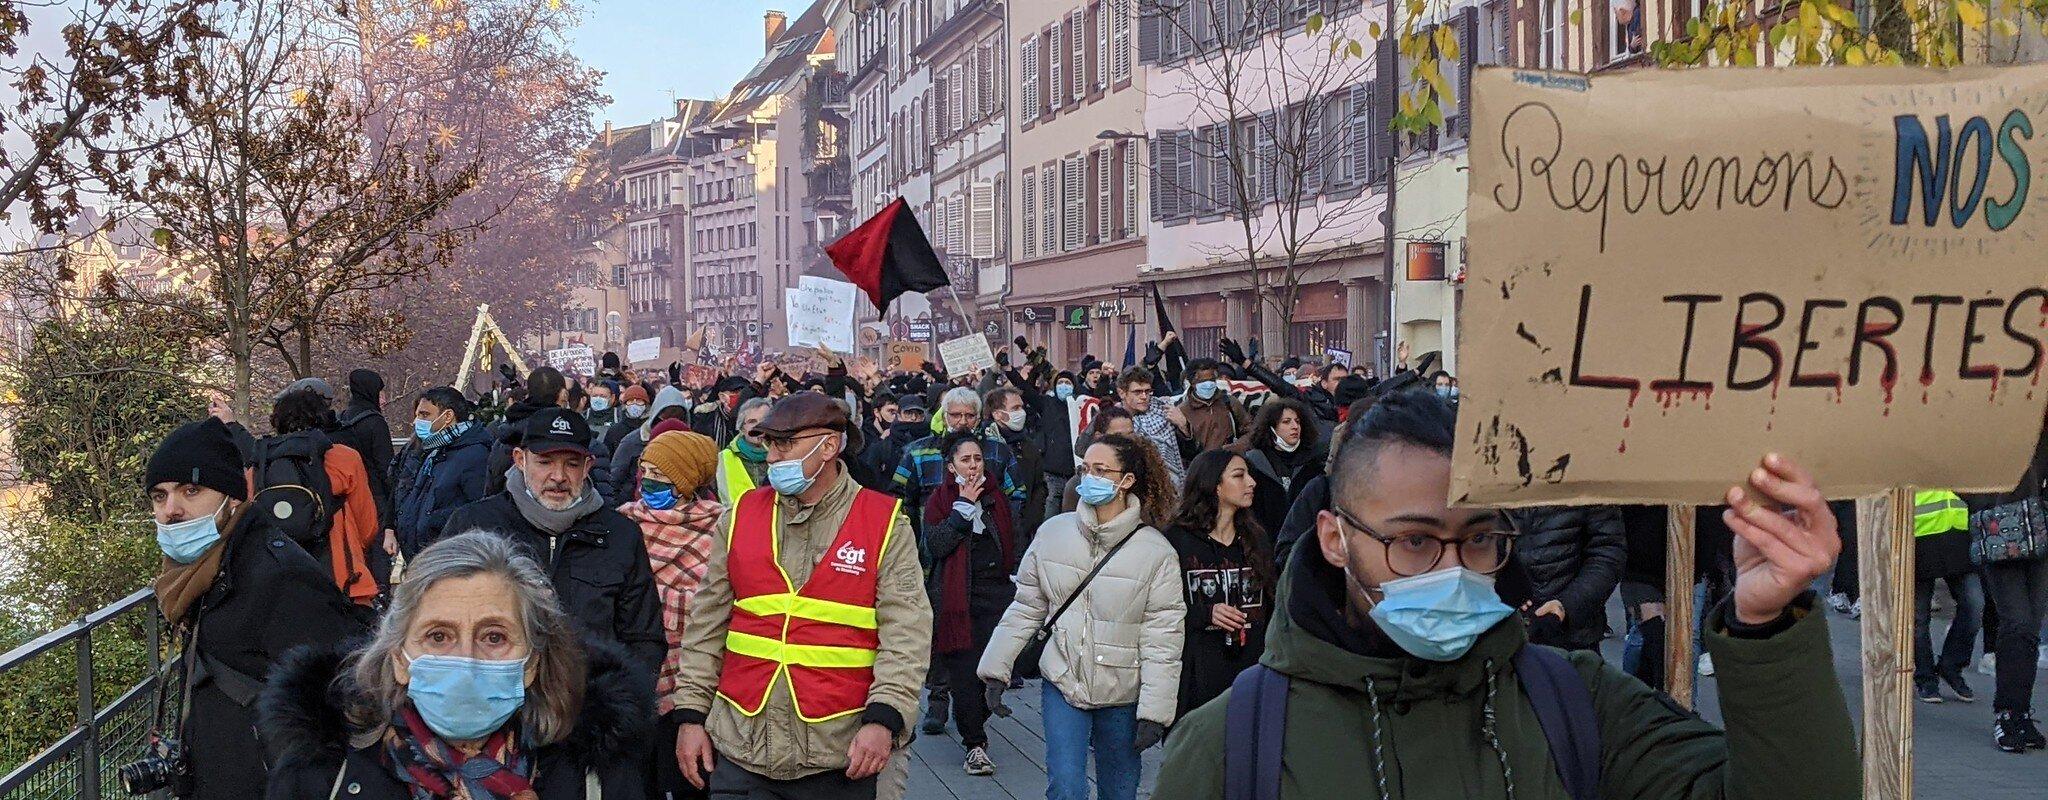 Manifestation contre la loi «séparatismes» et «sécurité globale» samedi